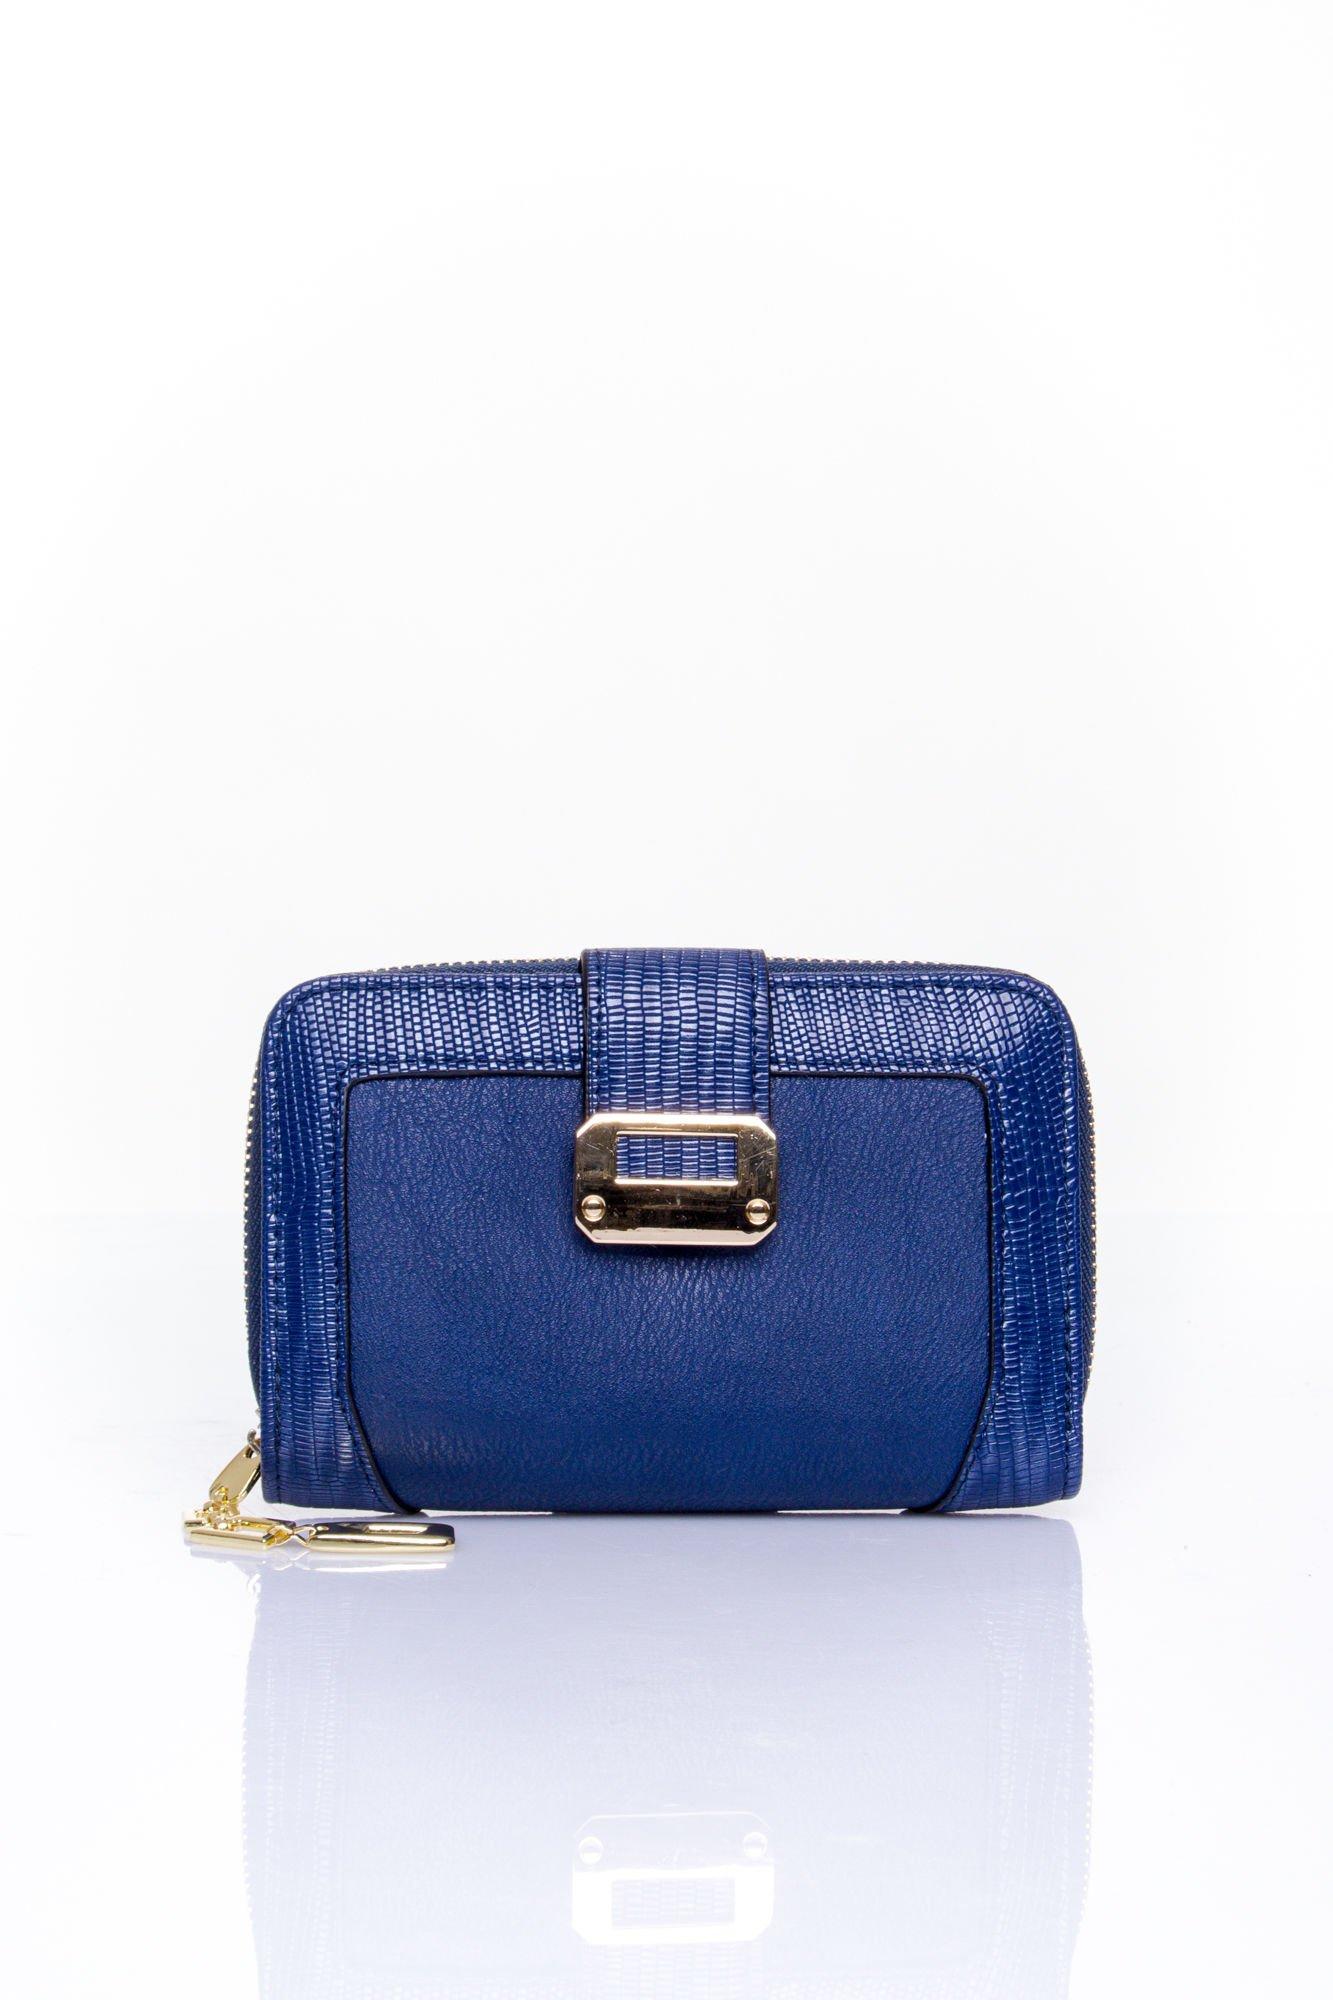 Granatowy portfel z ozdobną złotą klamrą                                  zdj.                                  1